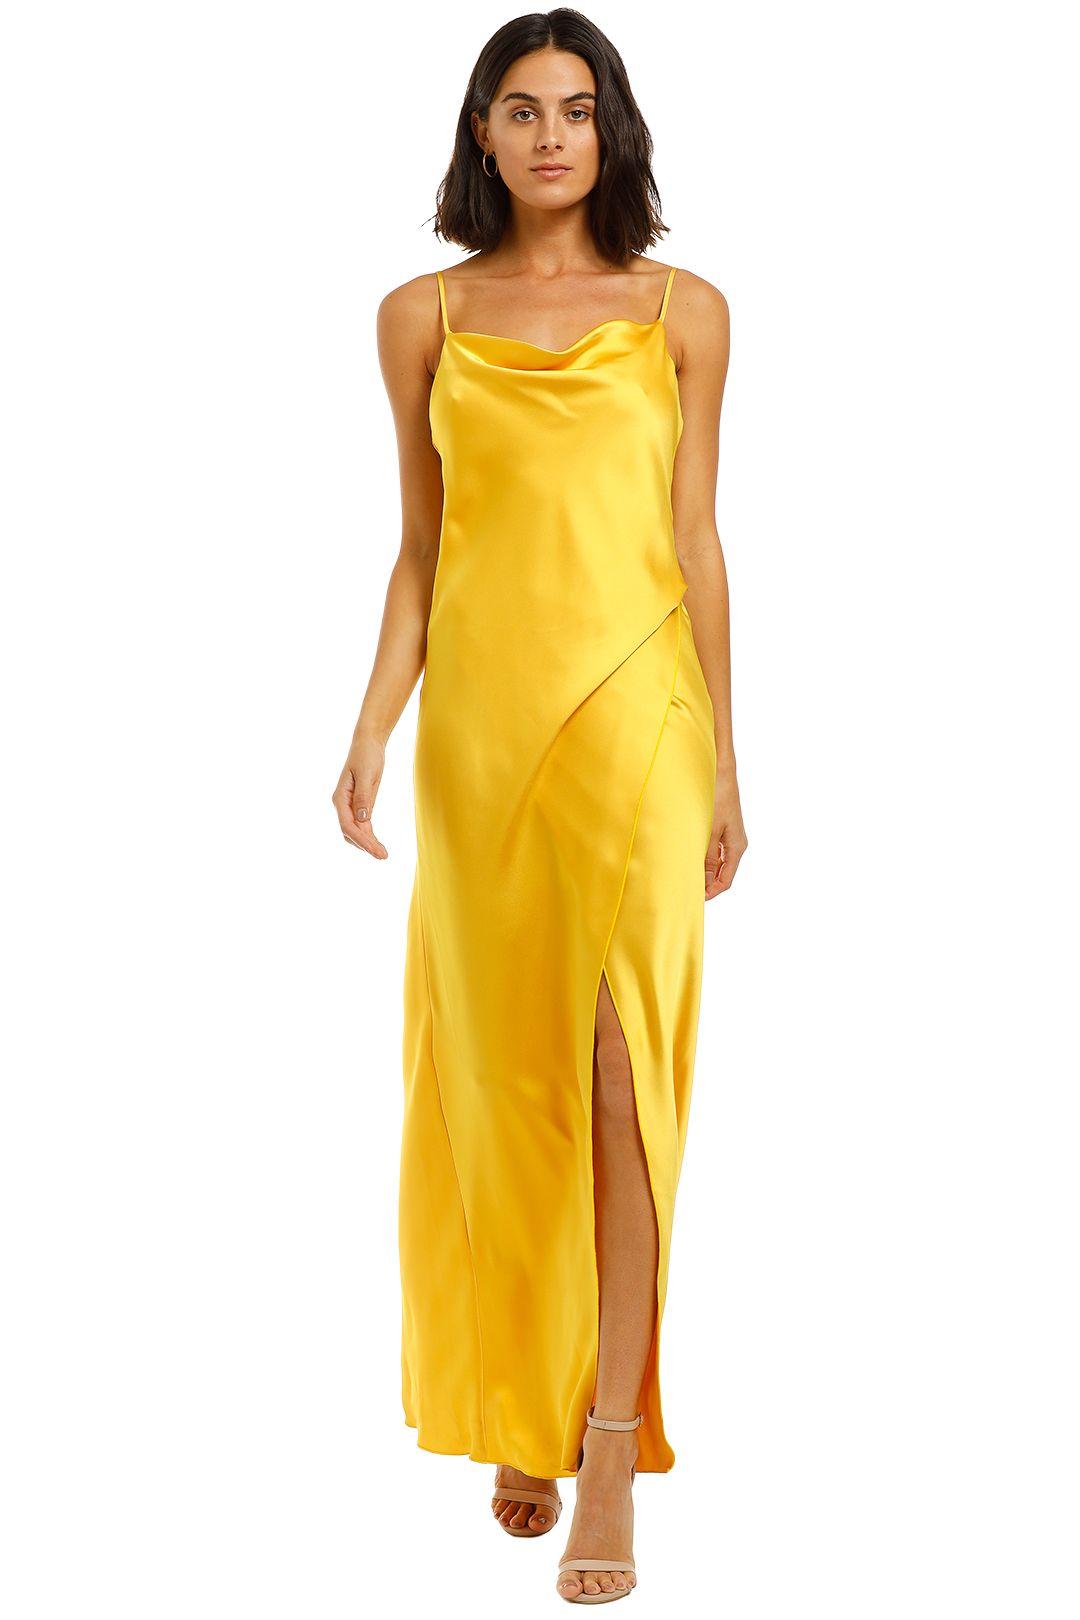 Camilla-and-Marc-Aubrey-Slip-Dress-Sunburst-Front